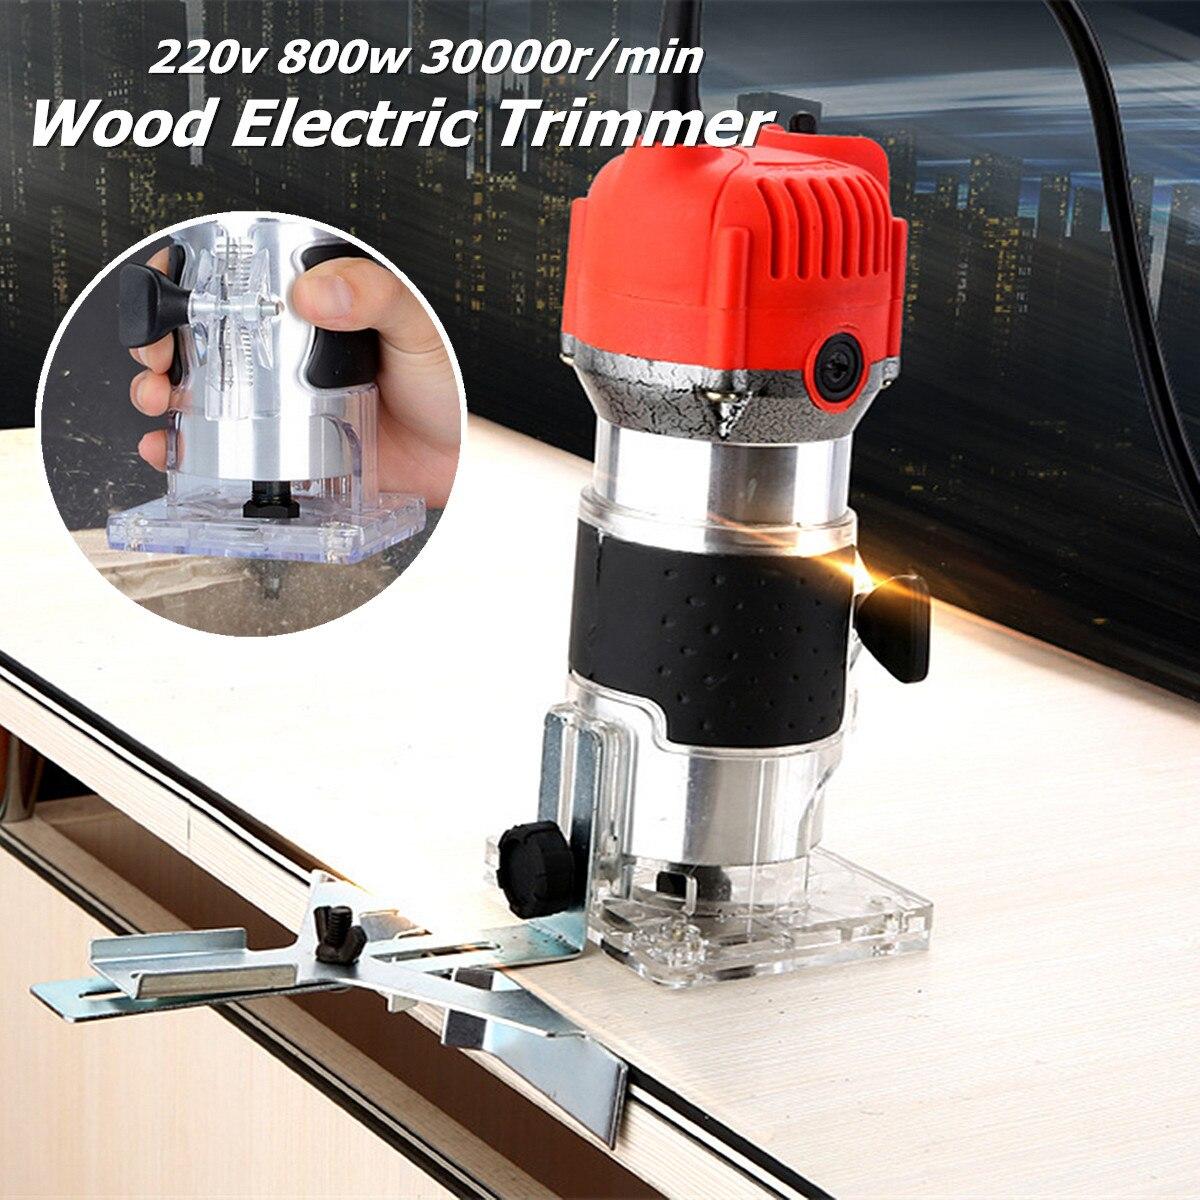 220 V 800 w 30000r/min Collet 6.35 milímetros AU Plug Com Fio de Mão Elétrico Trimmer Laminador Router Madeira Marceneiros ferramentas De Alumínio + Plástico